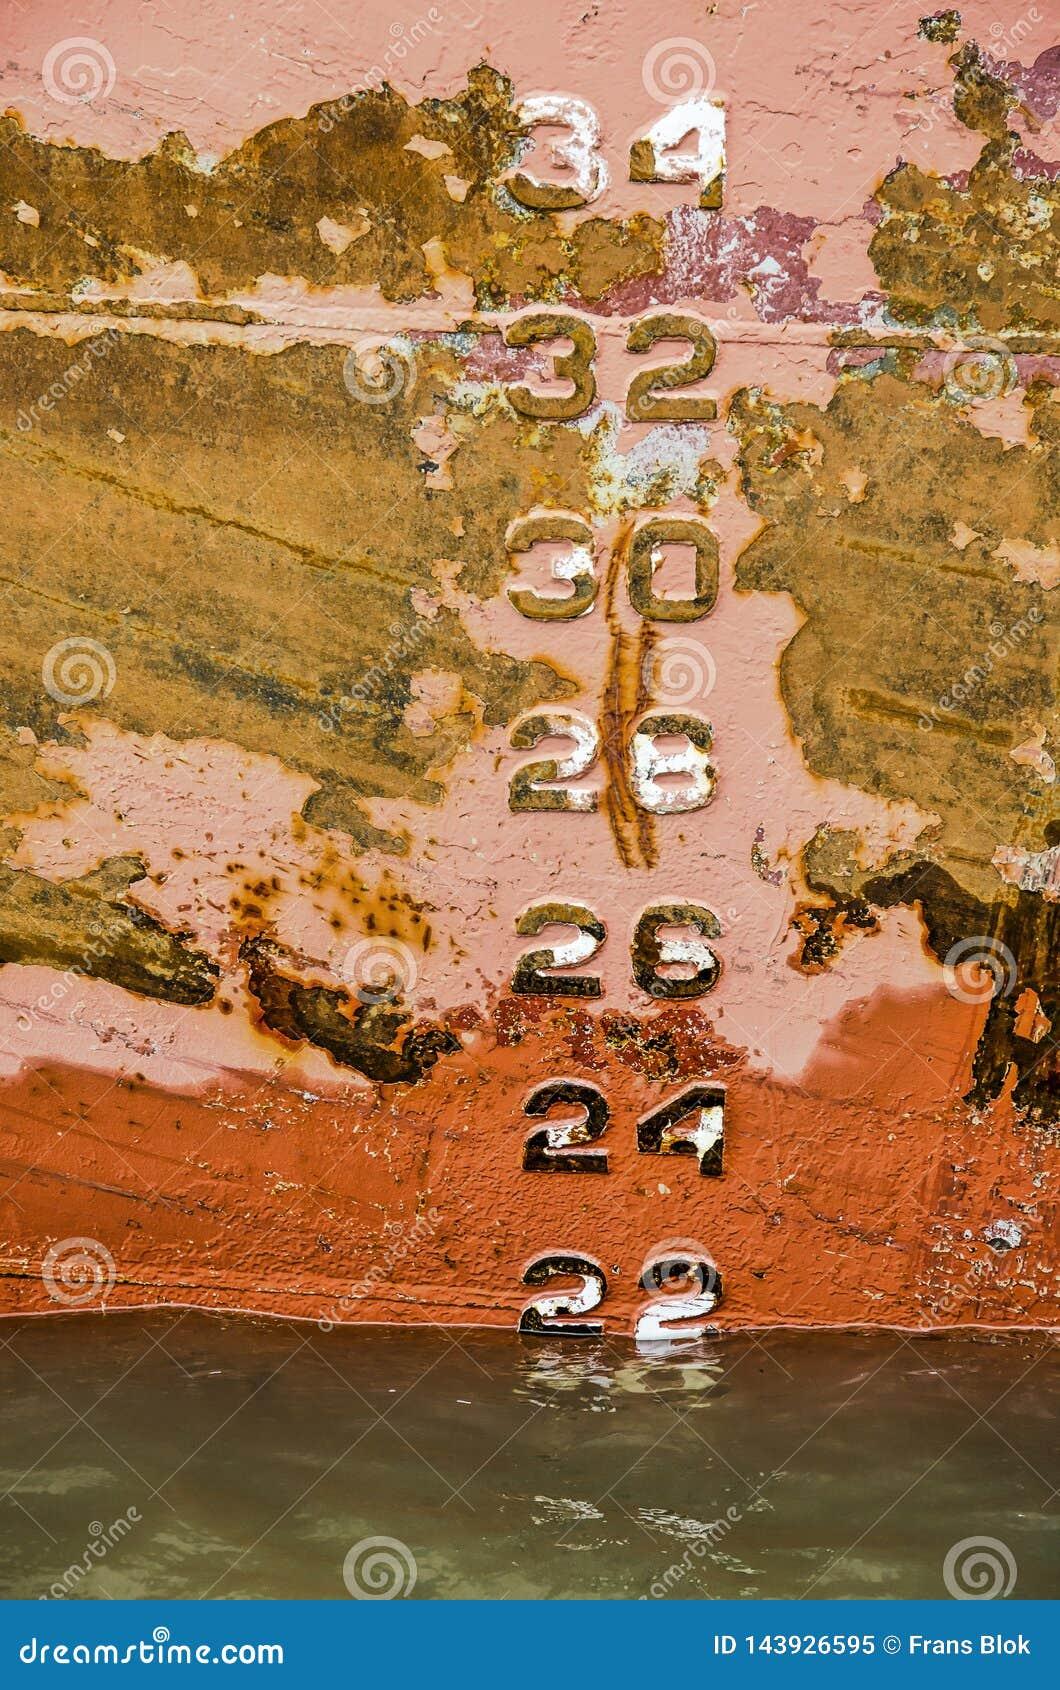 Entwurfsnummern auf dem Rumpf eines rostigen Schiffs